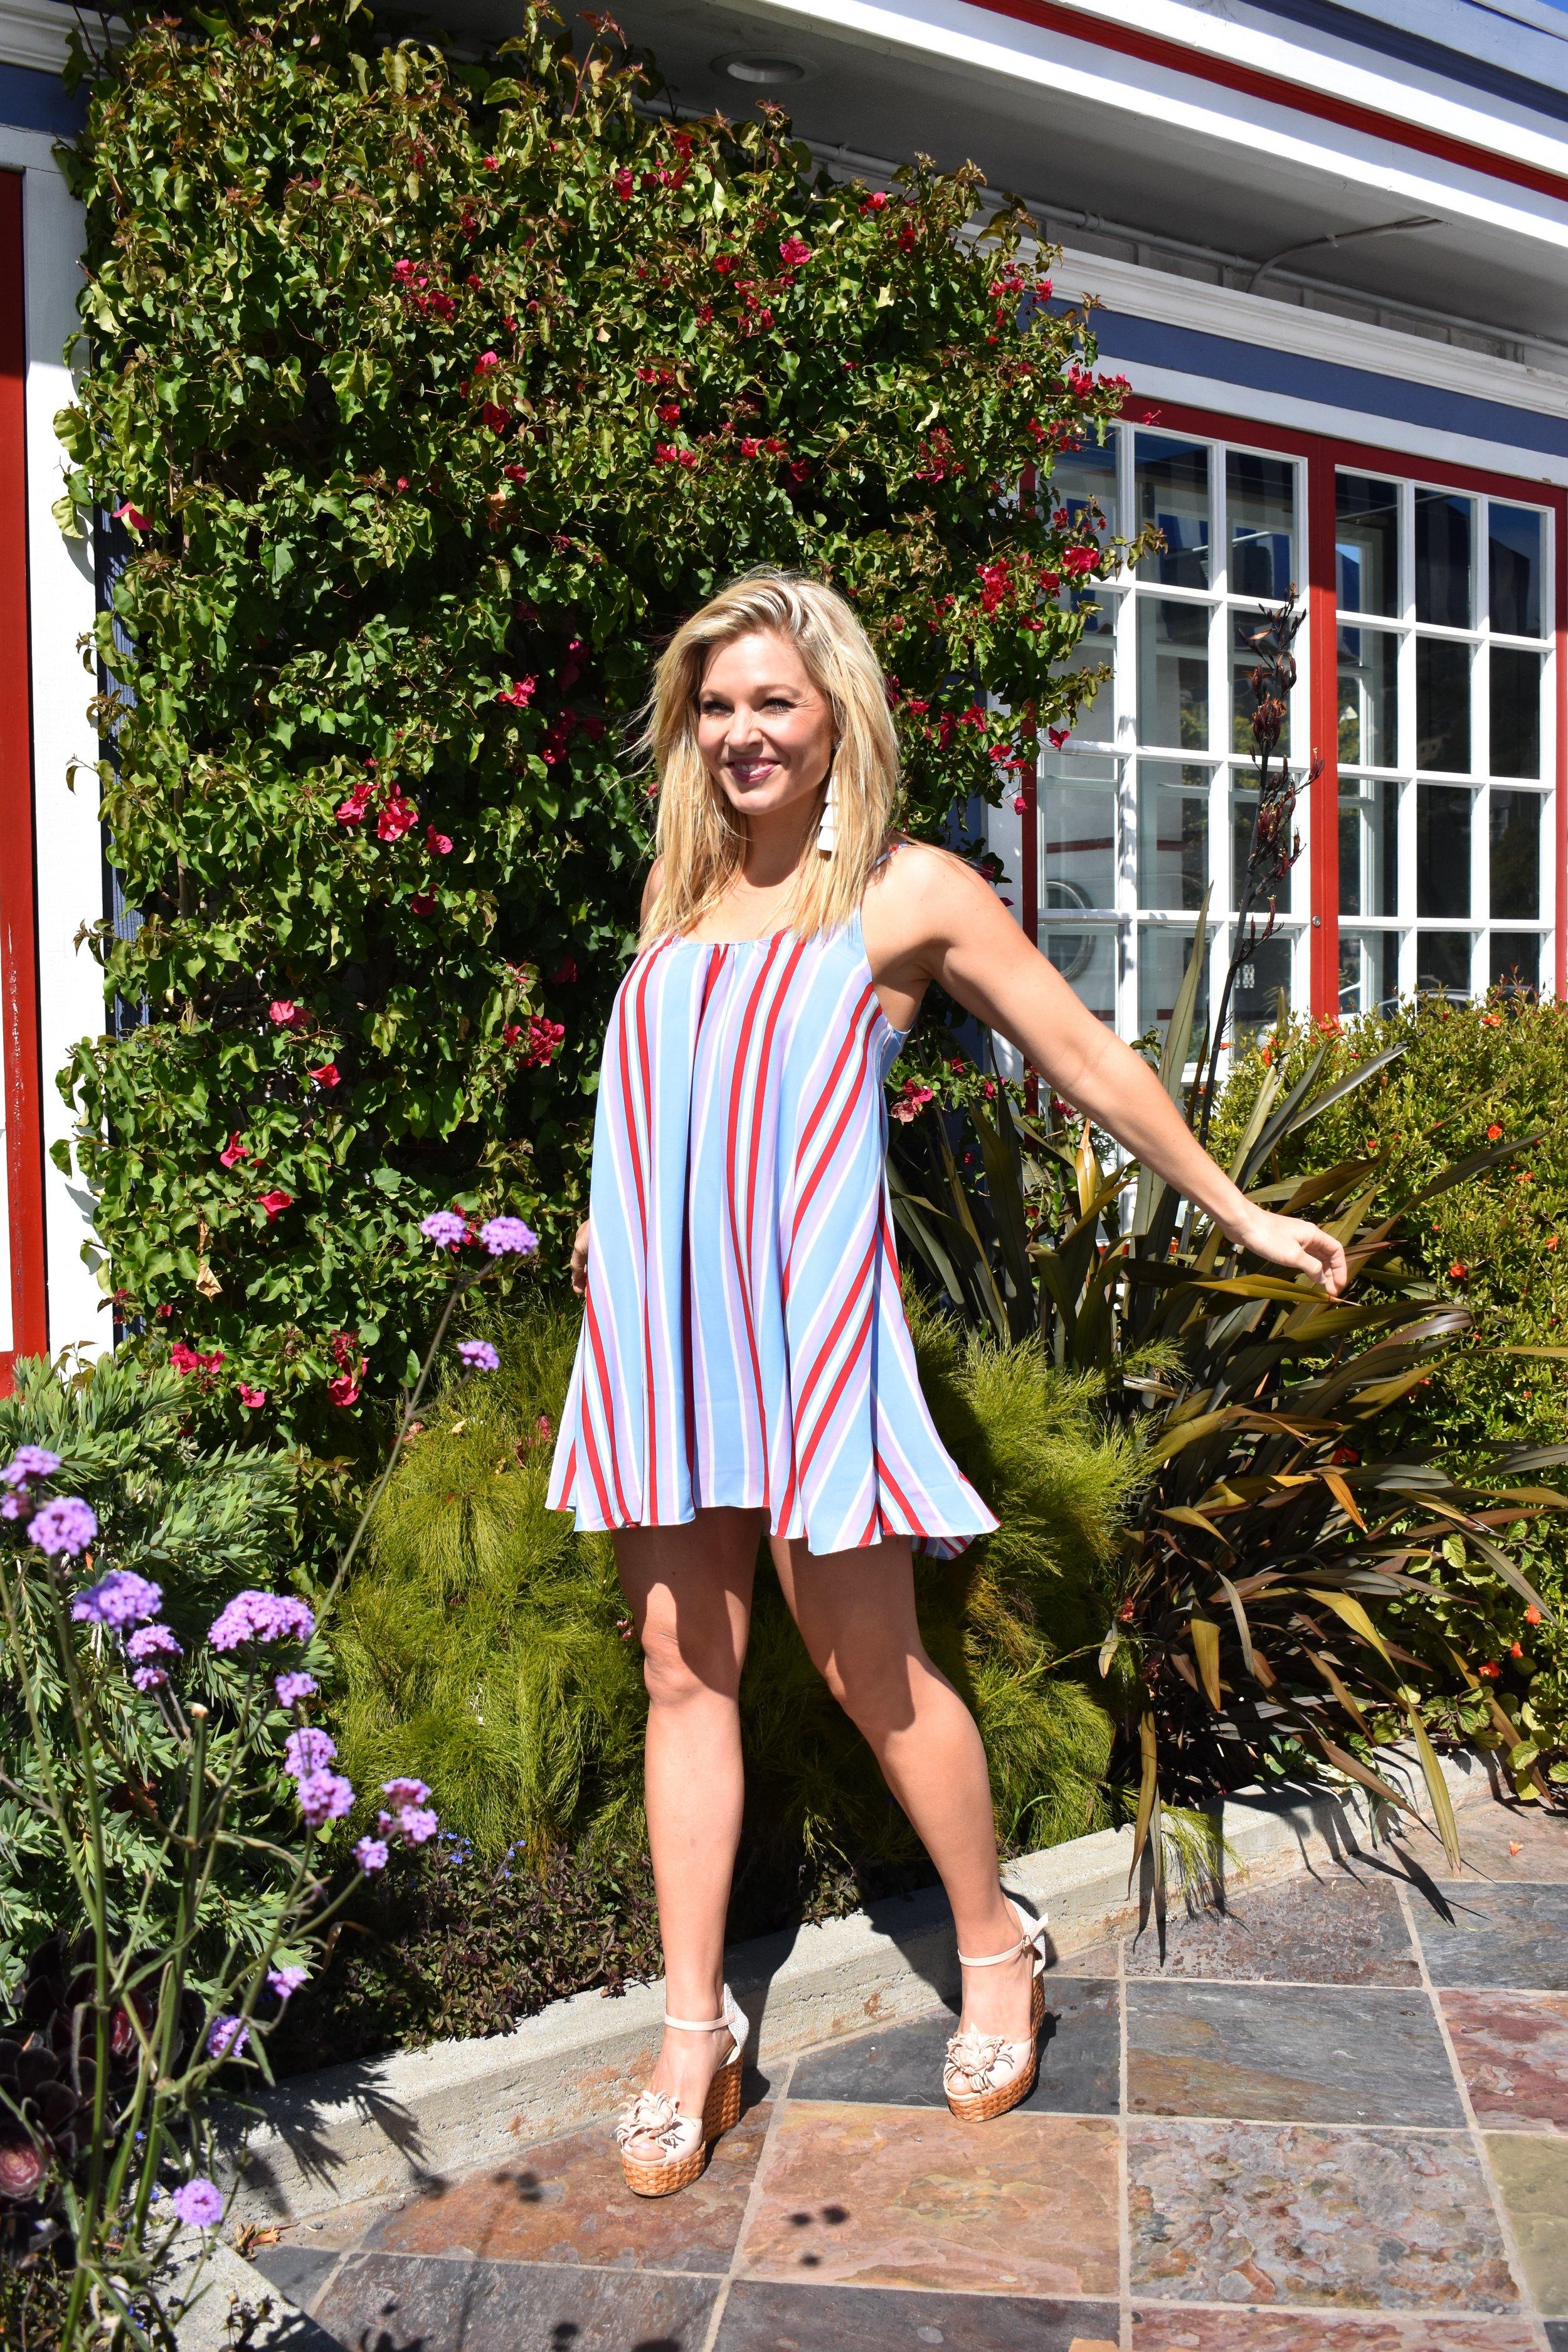 Anna Kooiman four looks for the fourth san francisco fashion anna kooiman fitness travel lifestyle